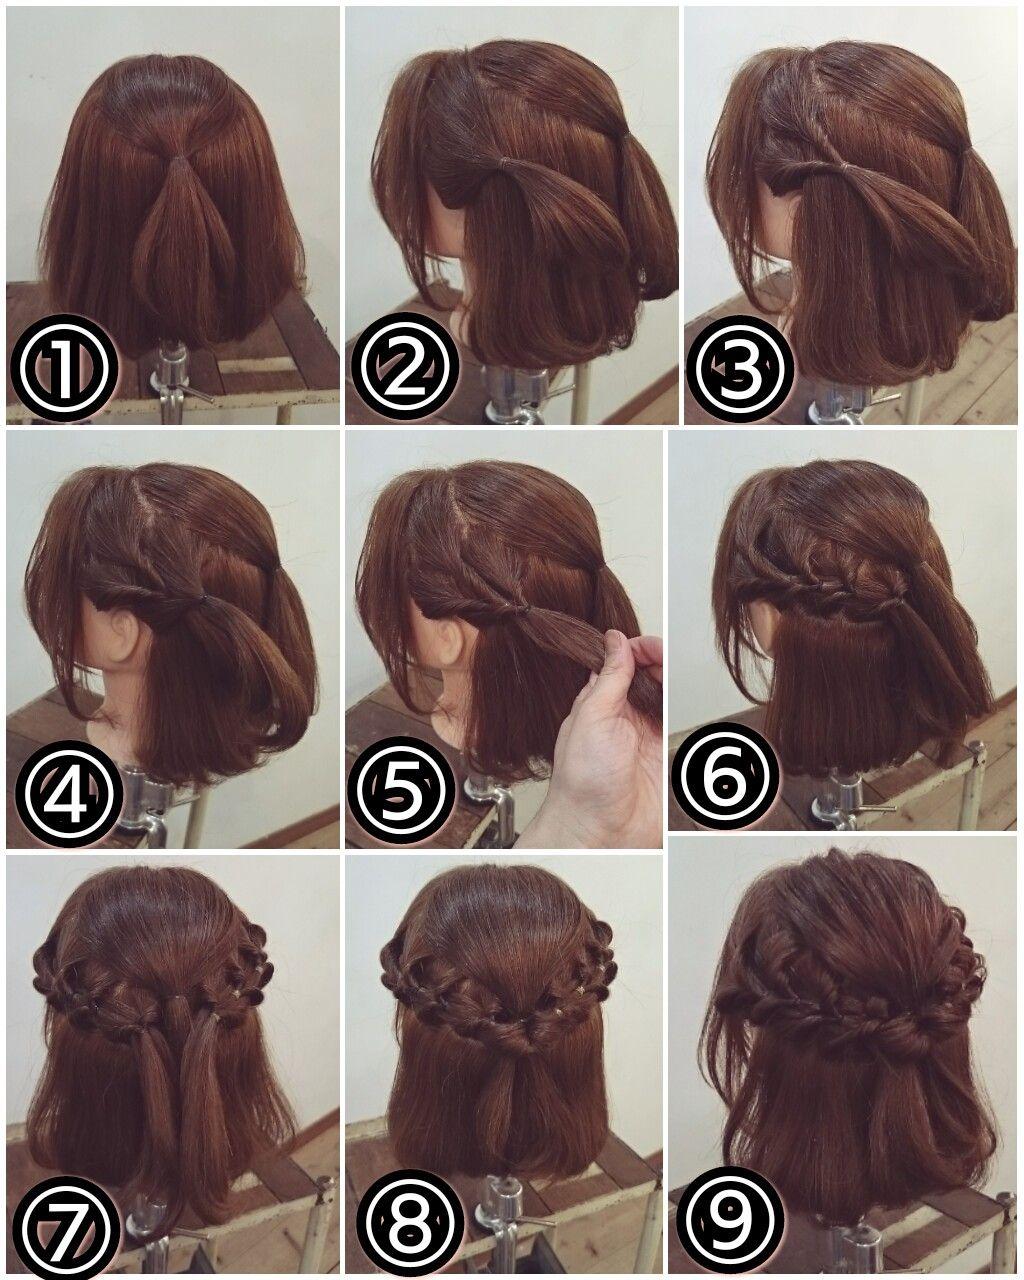 ヘアアレンジ Https Www Instagram Com Nest Hairsalon Short Hair Updo Hair Styles Short Hair Styles